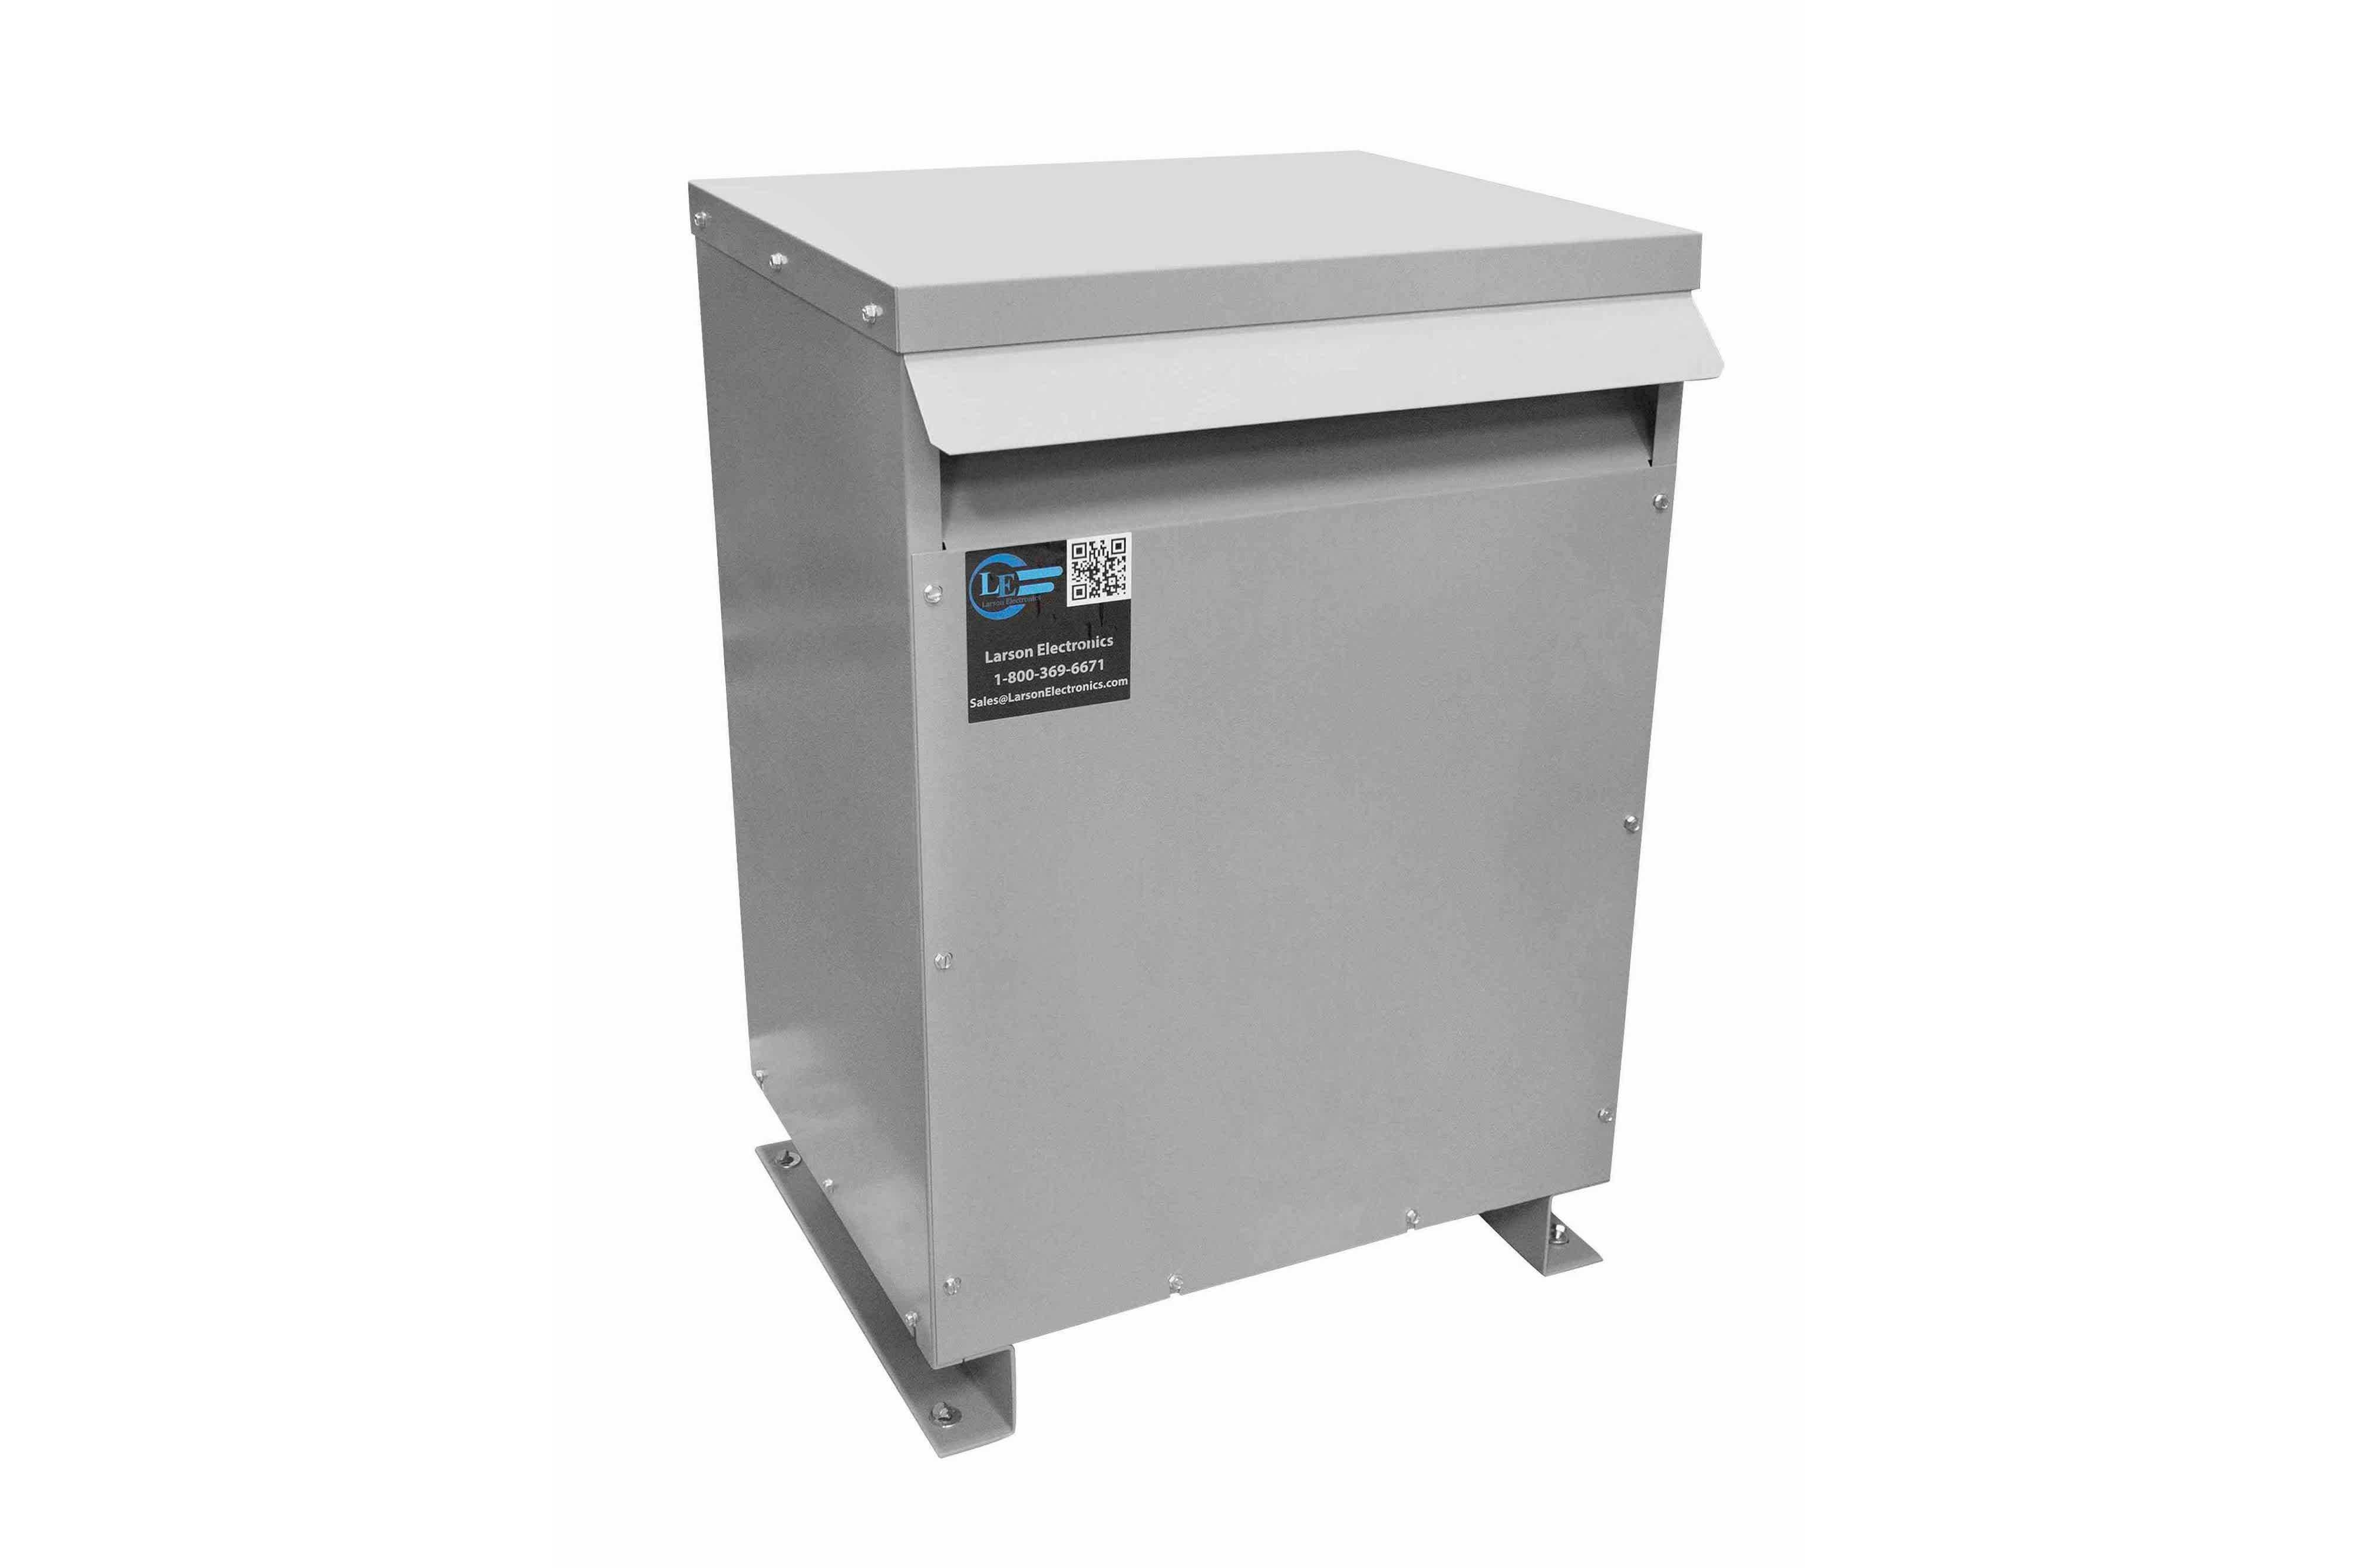 700 kVA 3PH Isolation Transformer, 460V Delta Primary, 575V Delta Secondary, N3R, Ventilated, 60 Hz